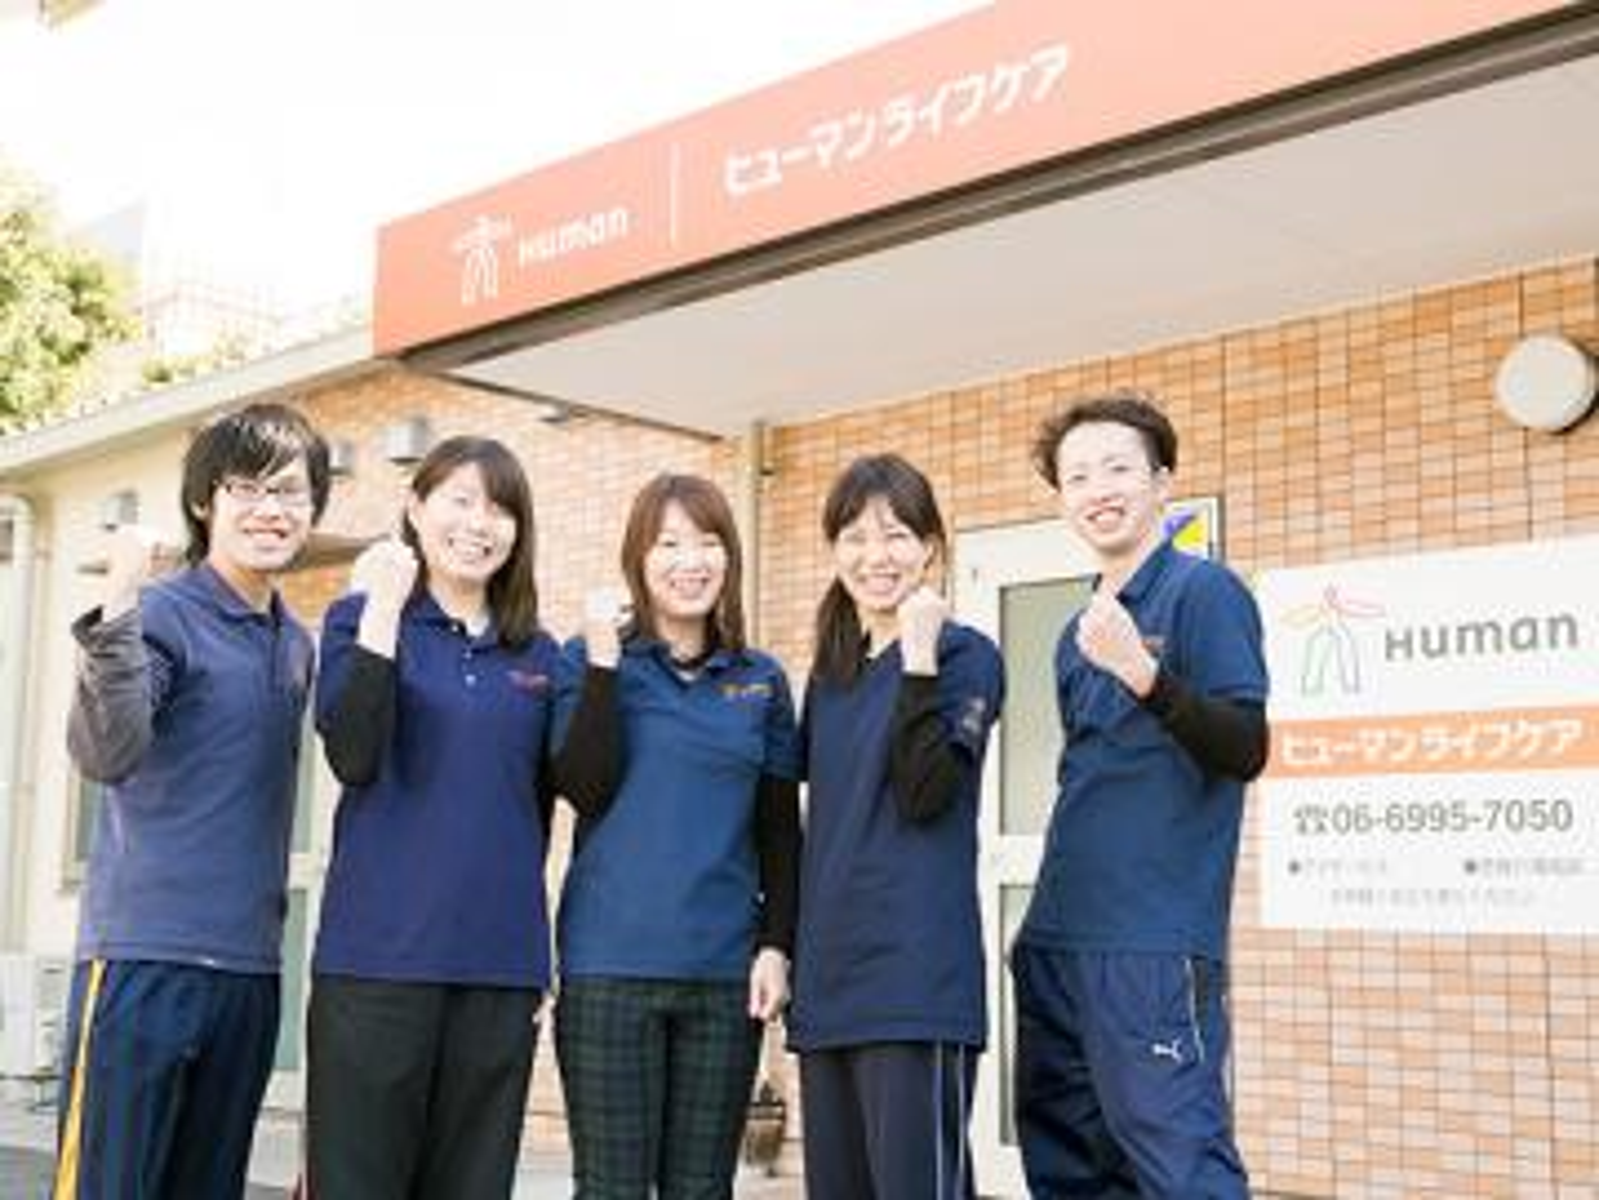 ヒューマンライフケア宇奈根グループホーム・宇奈根の宿のアルバイト情報